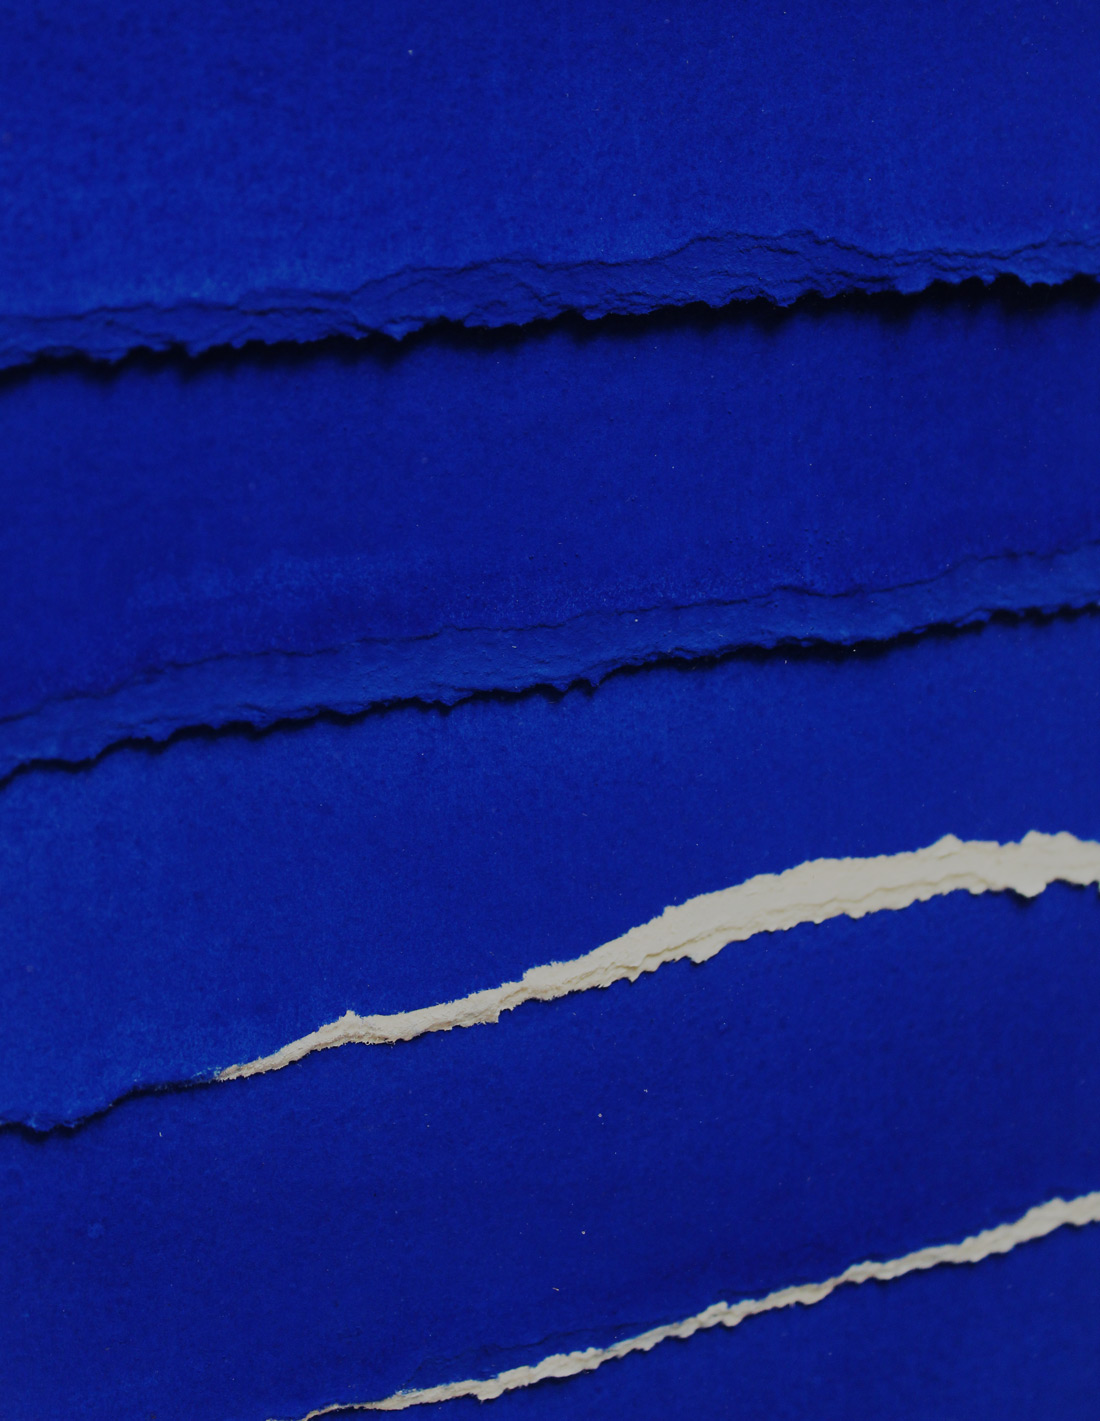 Continuum-188-close-up